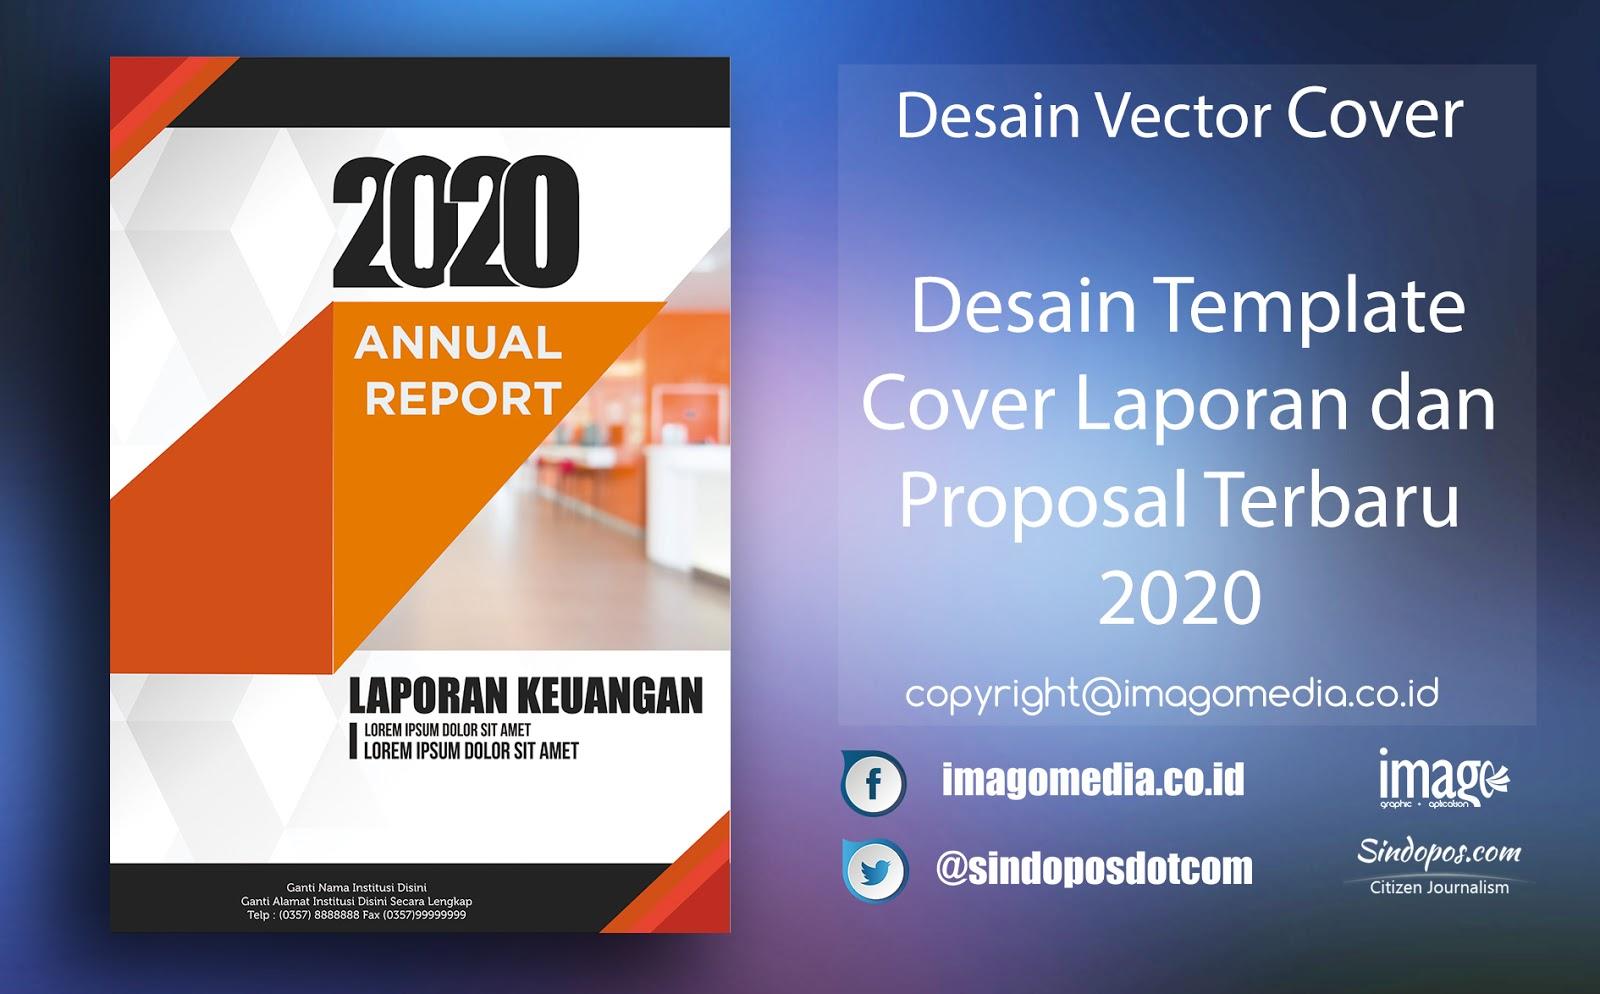 Download Desain Template Cover Laporan Dan Proposal Terbaru 2020 Imago Media Home Of Creativity